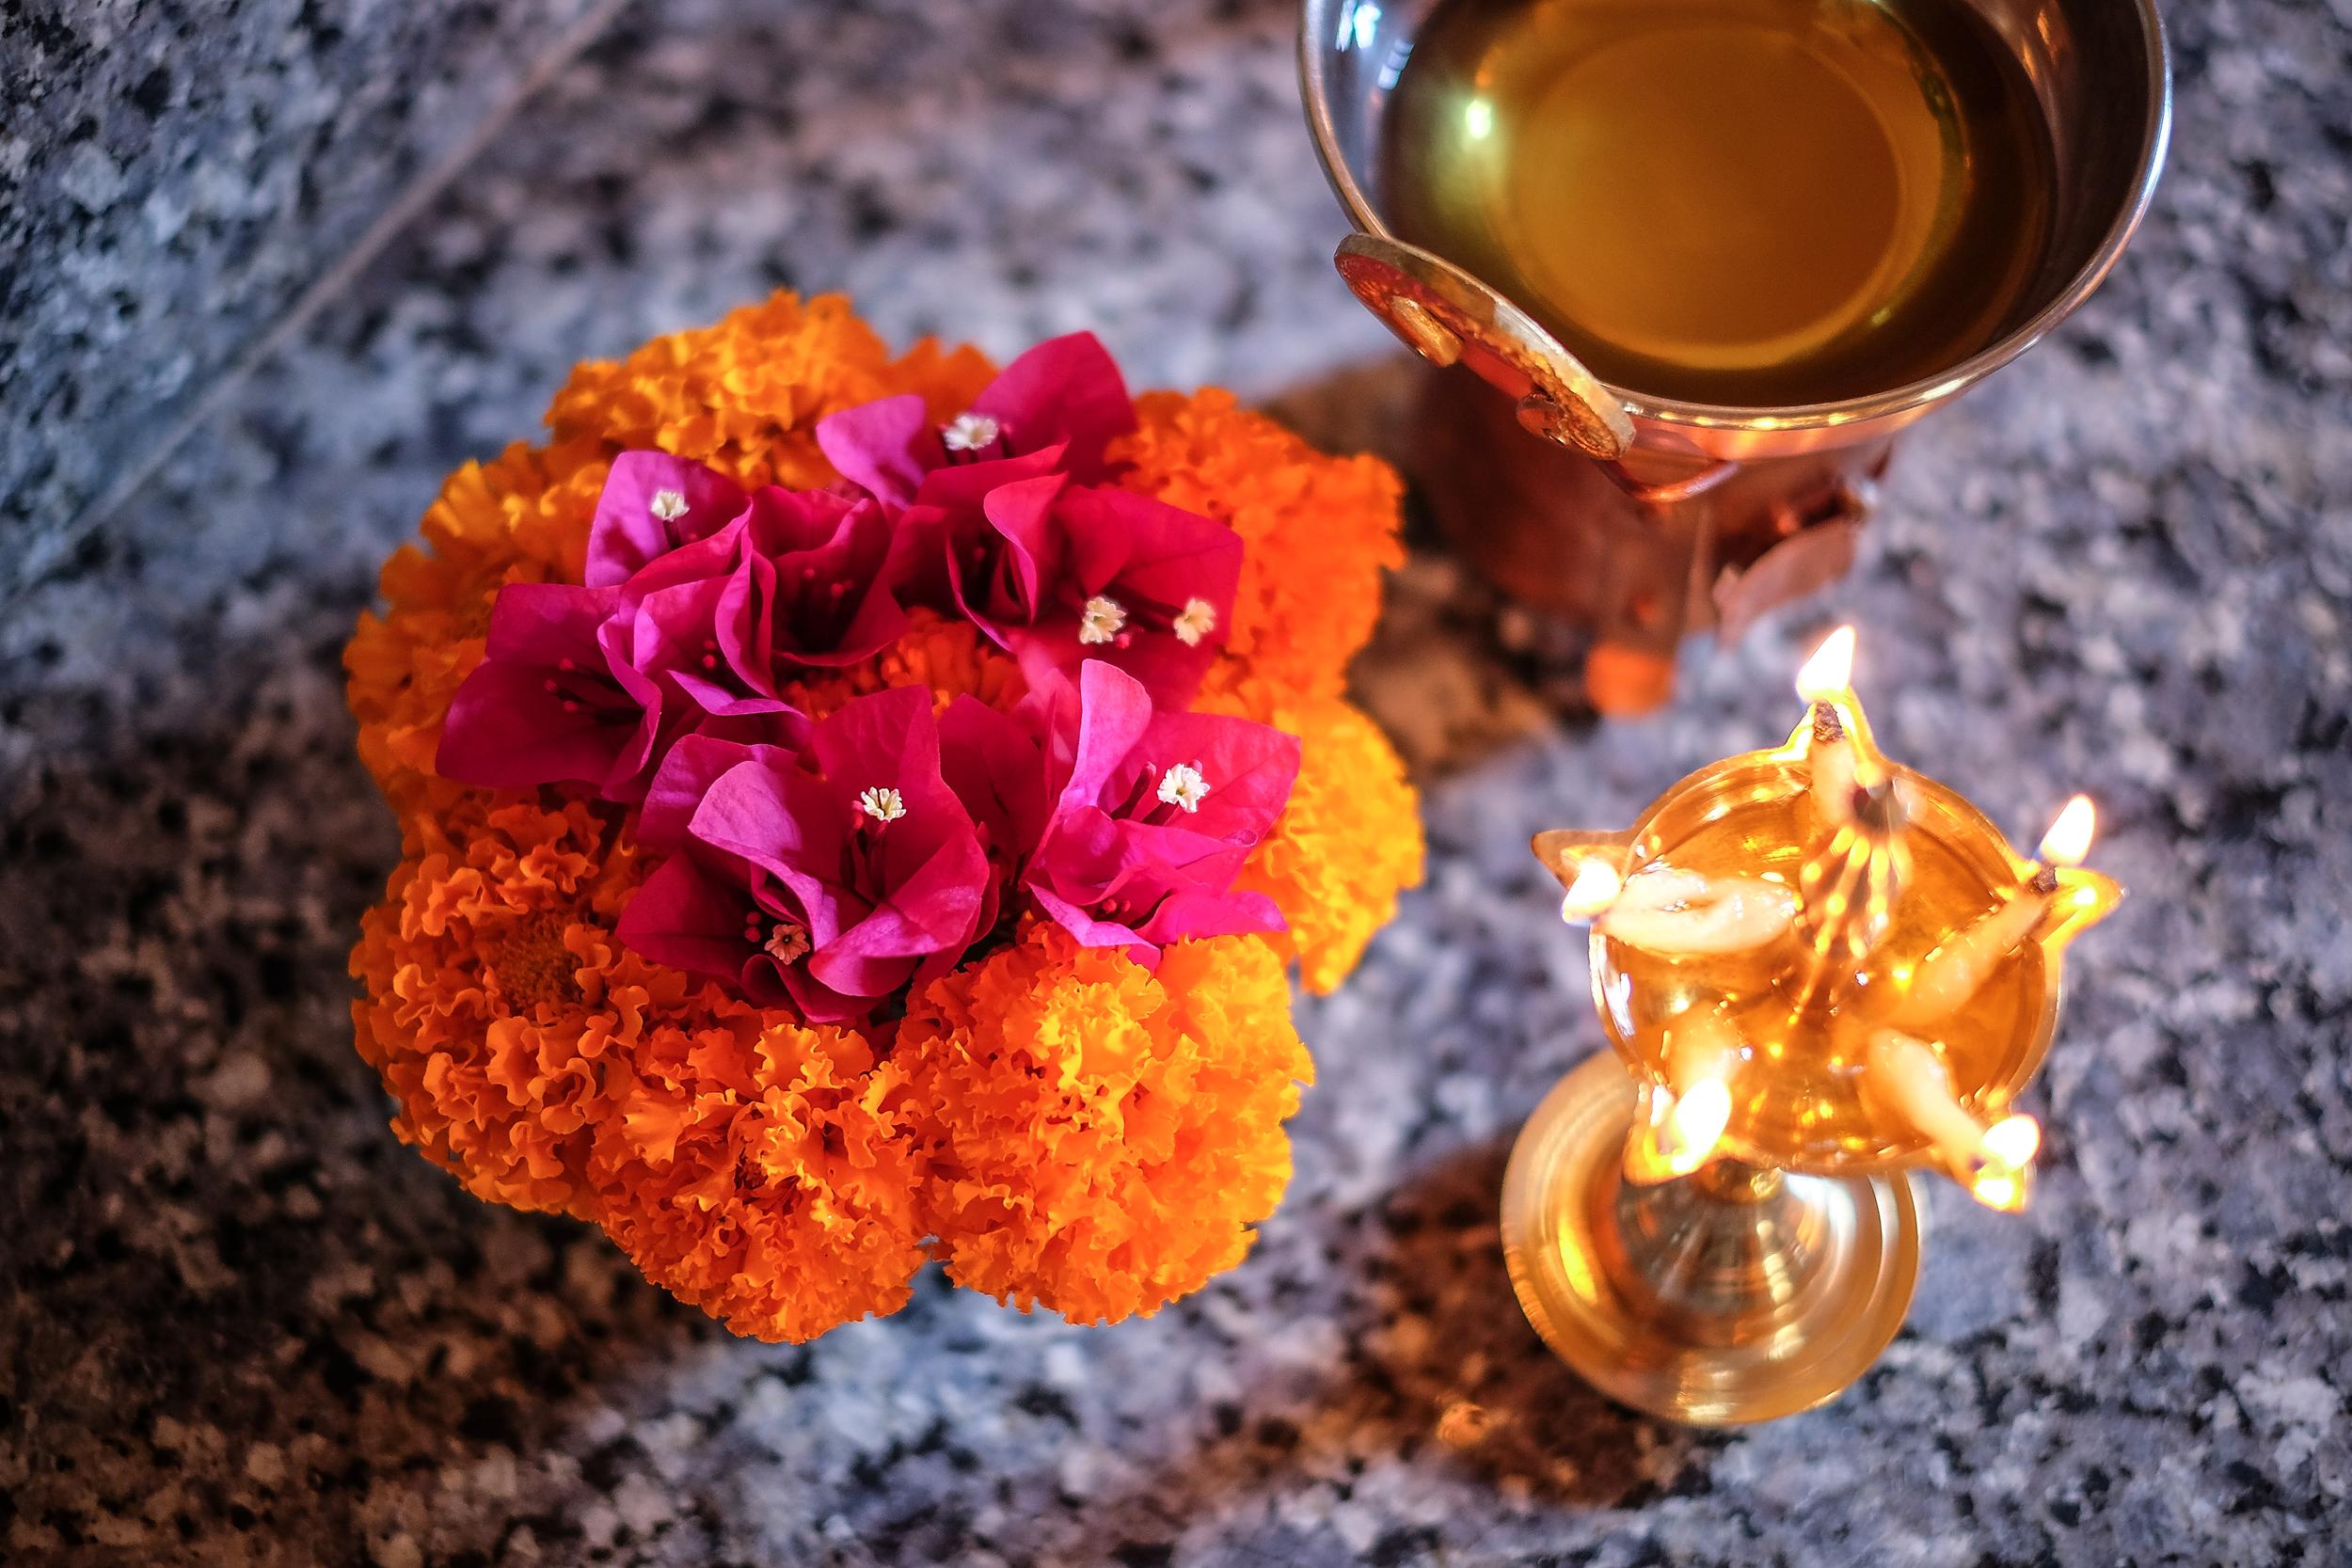 Uljca & cvijeće kao priprema za masažu